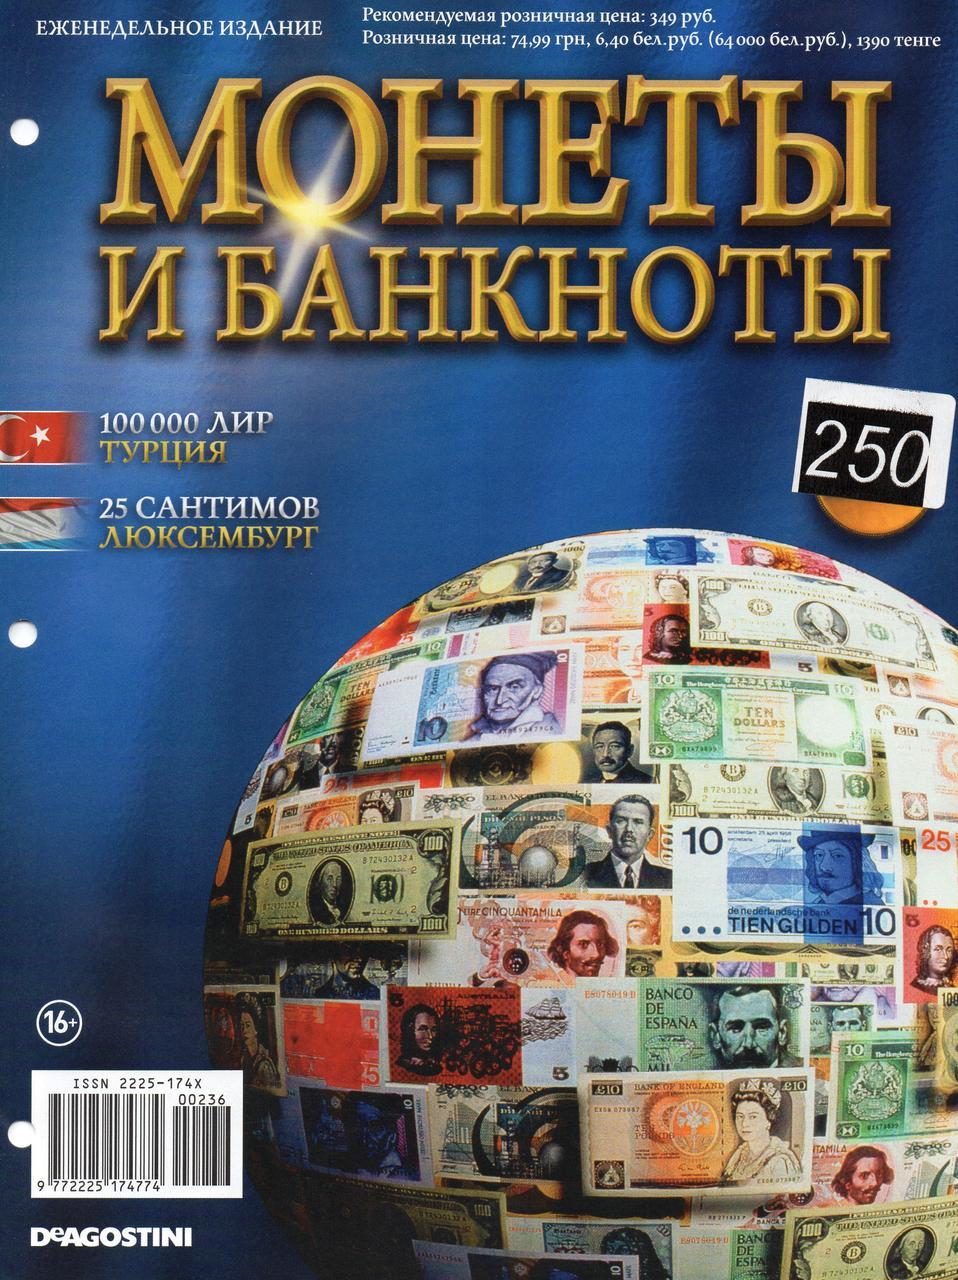 Монеты и банкноты (ДеАгостини) №250 (№ 236) 100 000 лир (Турция), 25 сантимов (Люксембург)